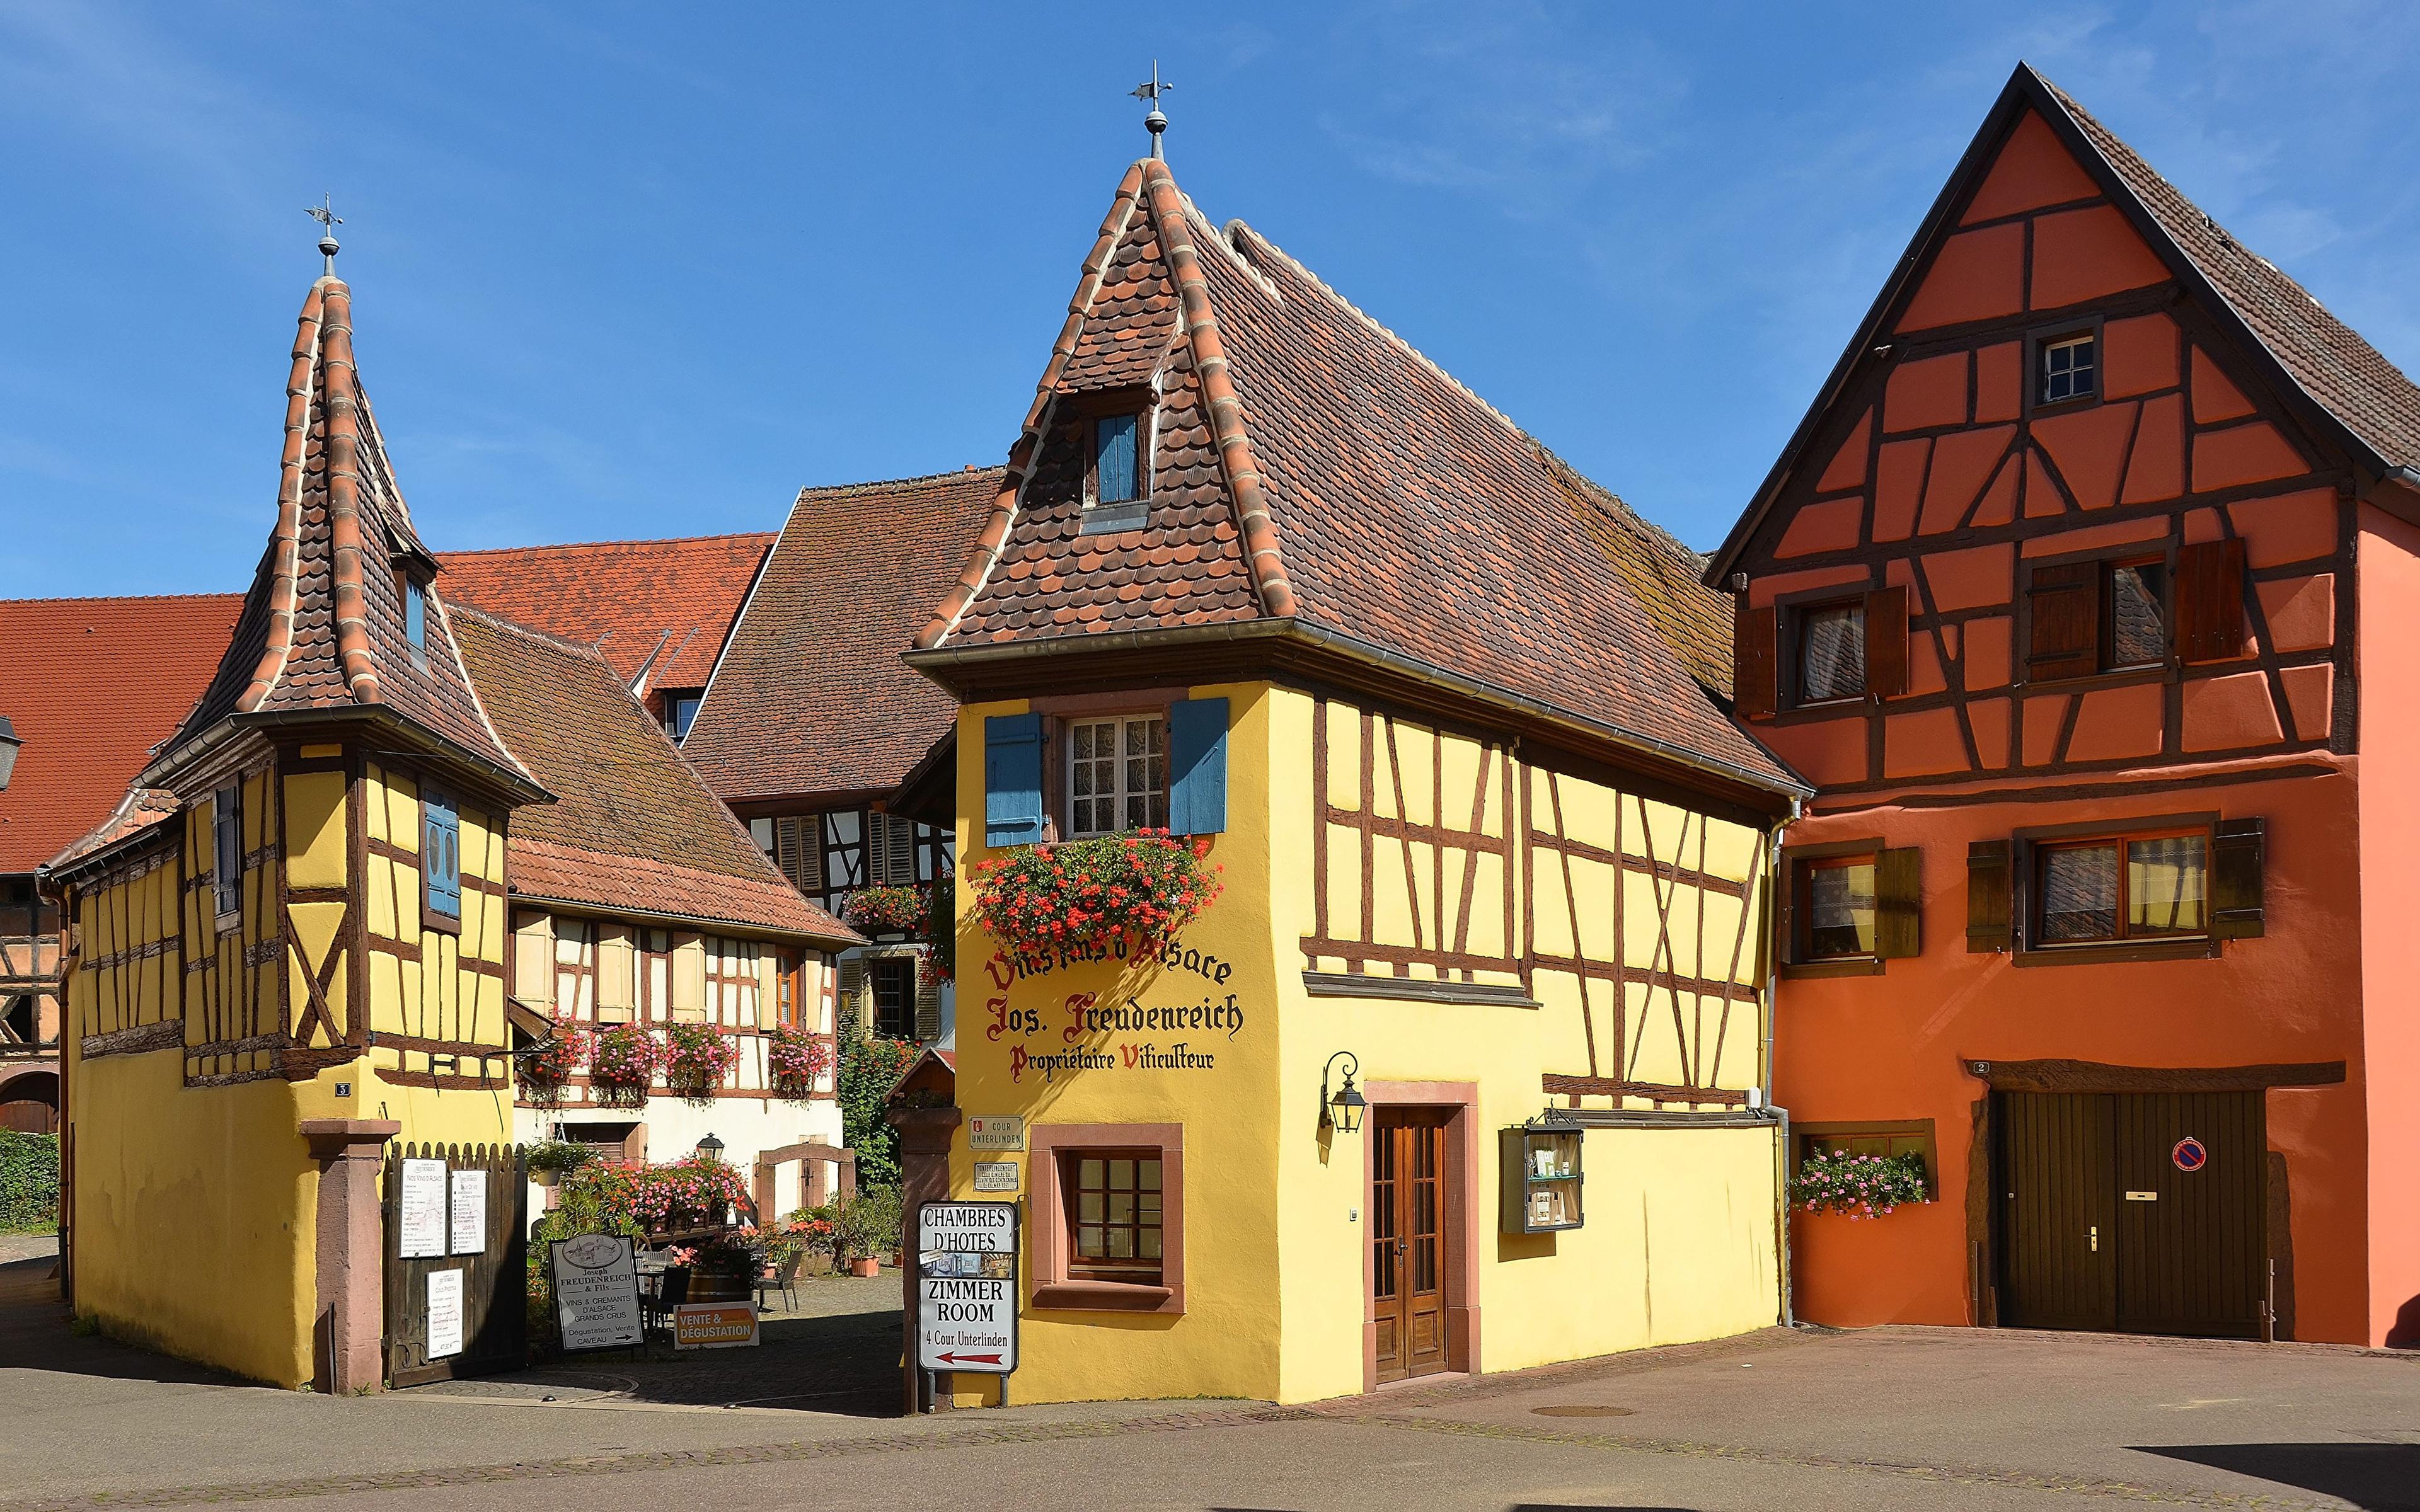 Bilder von Frankreich Eguisheim Straßenlaterne Haus Städte Design 3840x2400 Gebäude